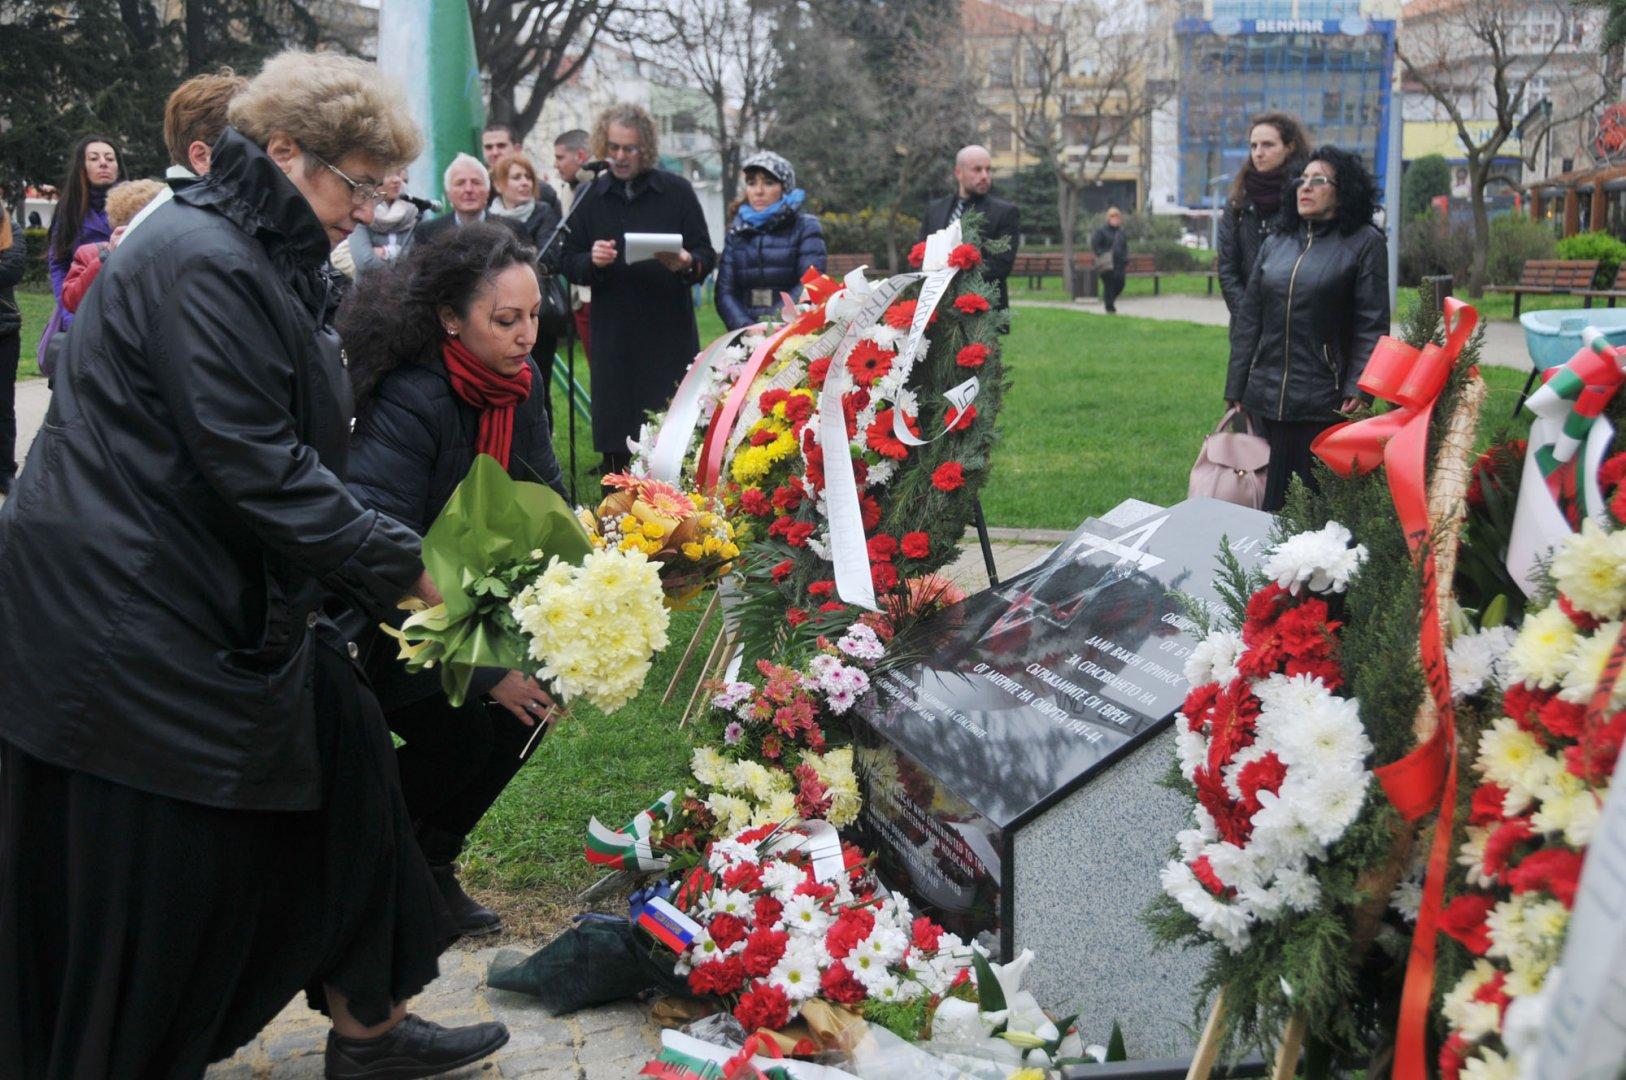 Мемориал на благодарността бе открит днес в центъра на Бургас от потомци на спасените евреи. На церемонията присъства и посланикът на Израел н.пр. Ирит Лилиан. Снимка Лина Главинова